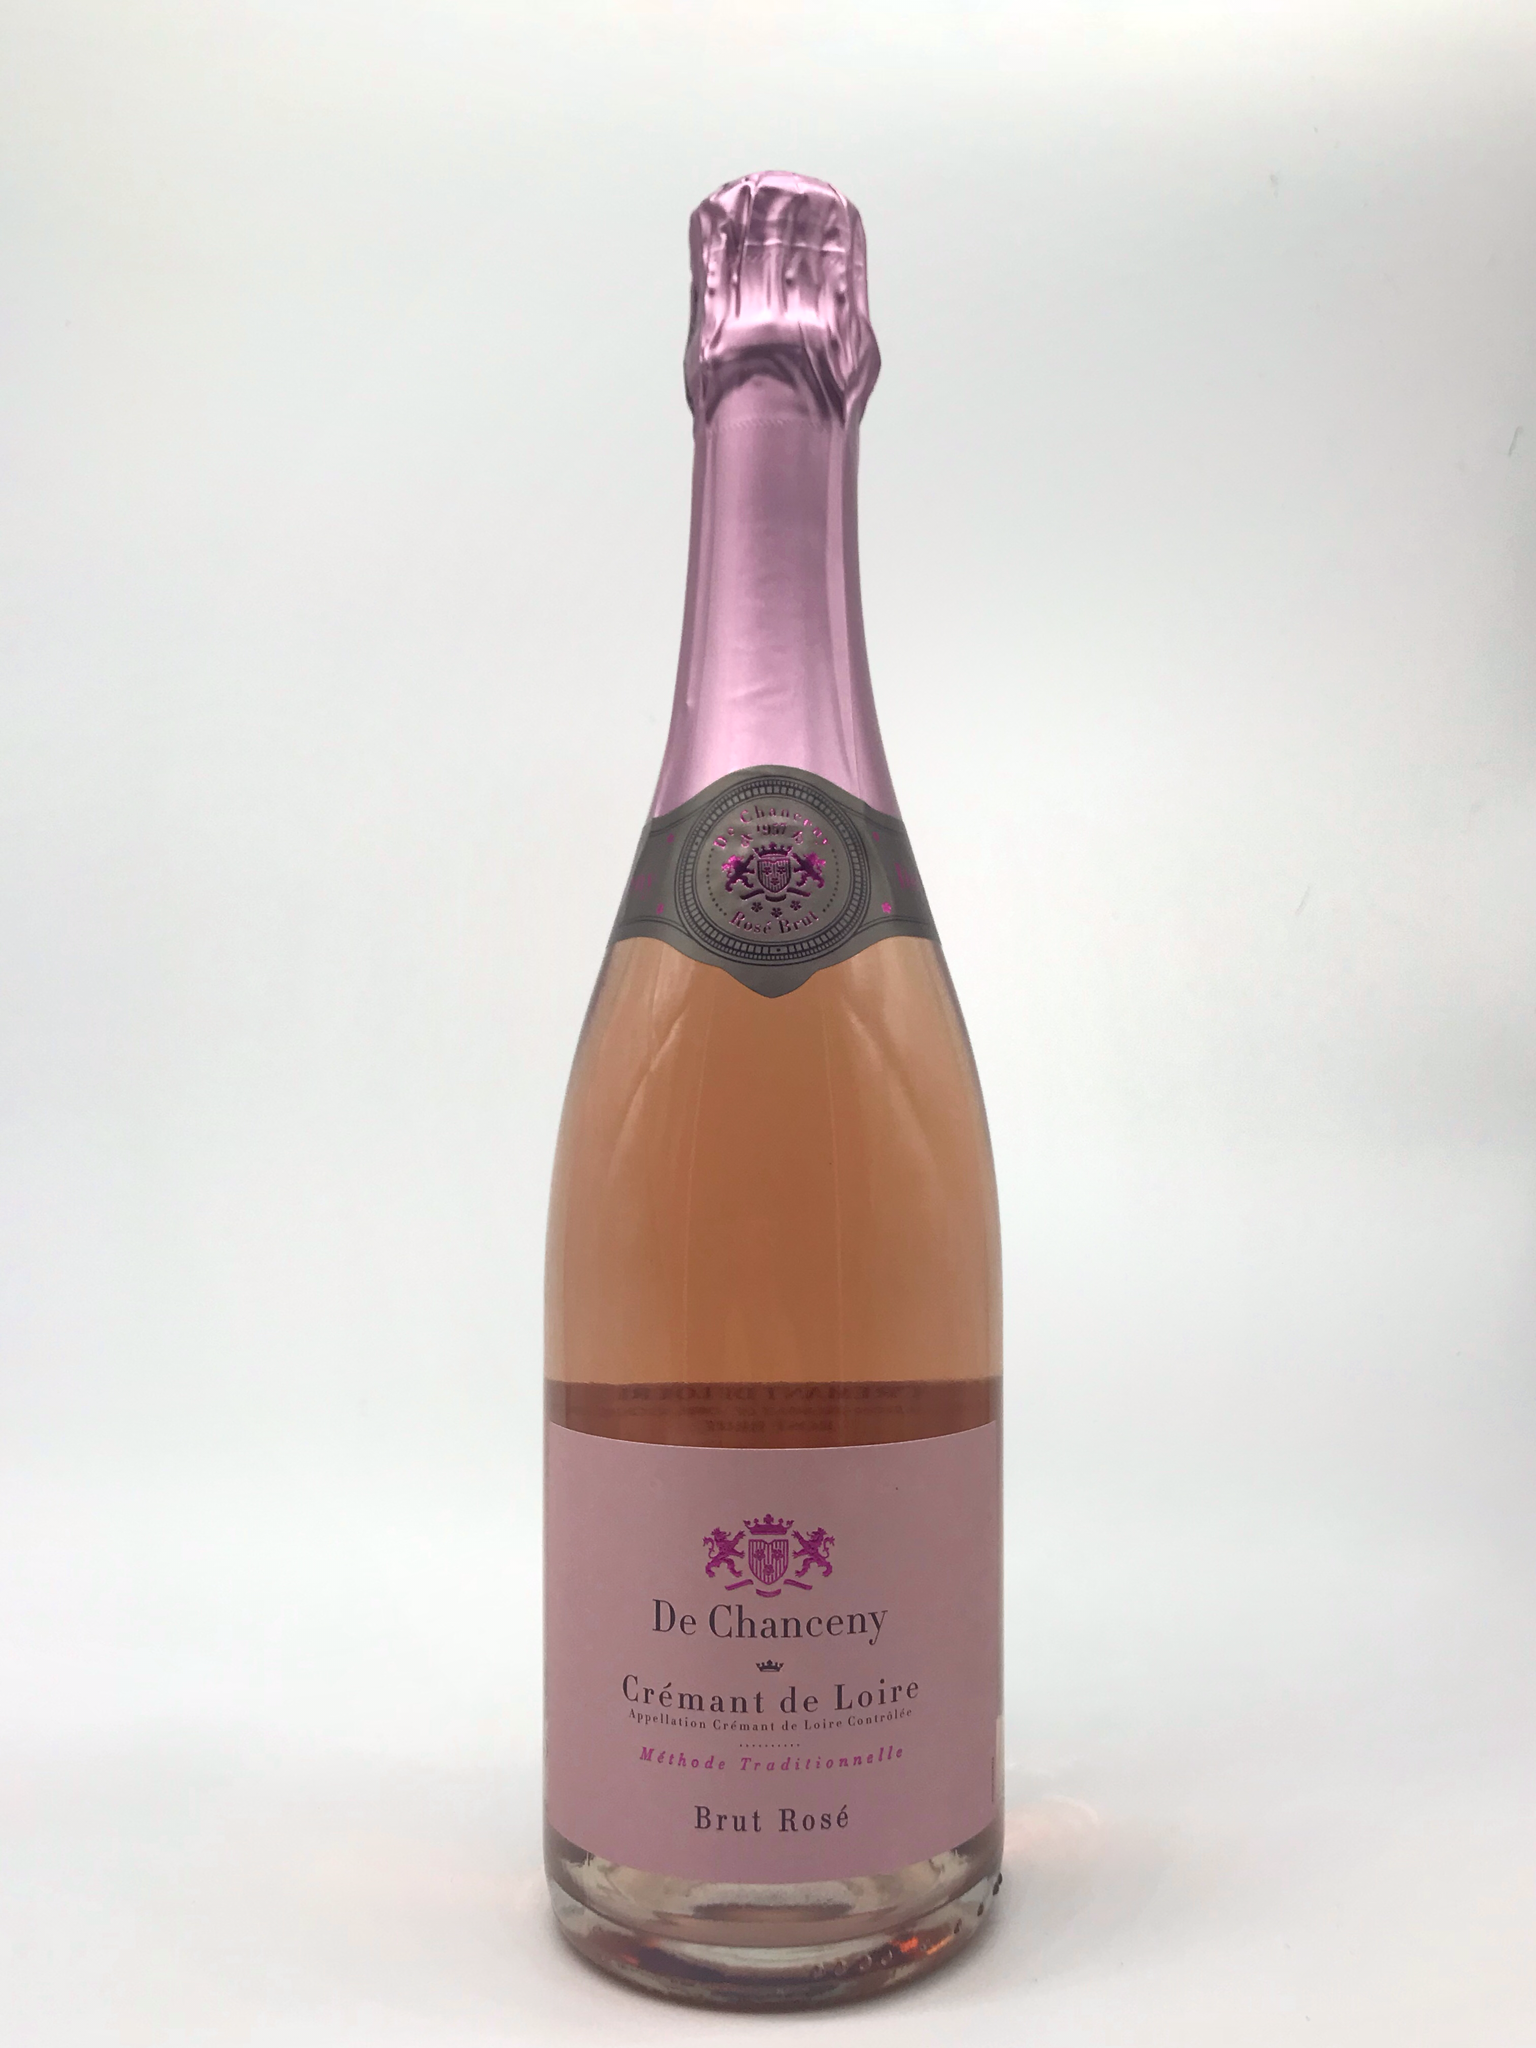 De Chanceny Cremant de Loire Brut Rose NV 00093